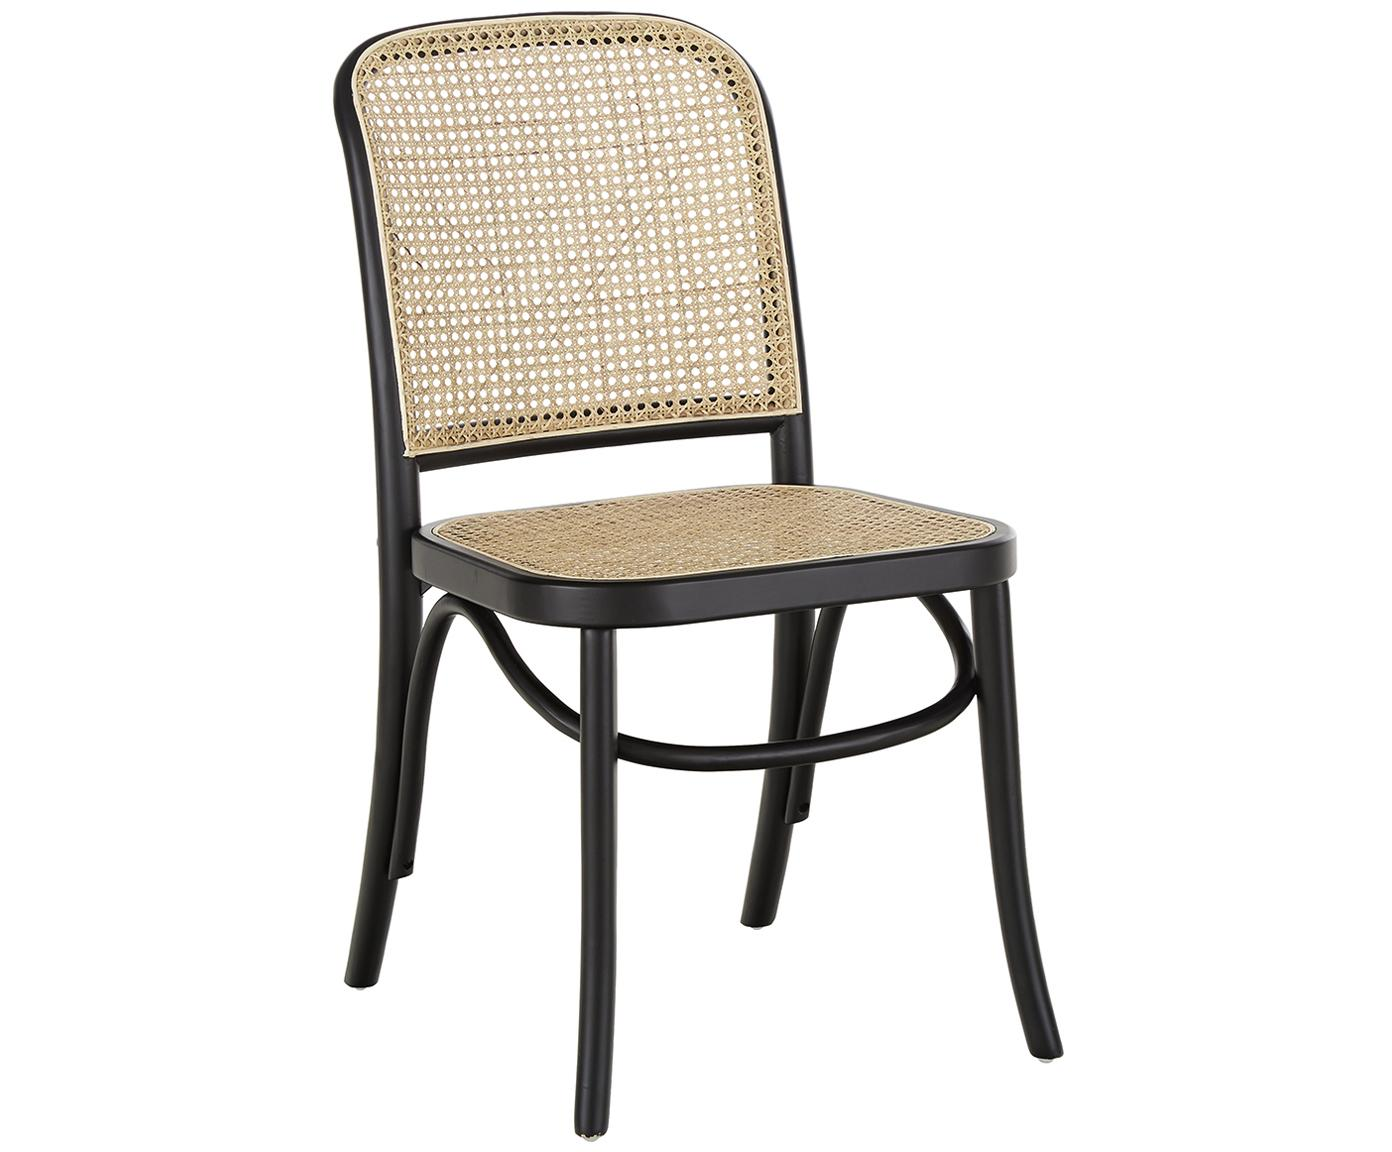 Drewniane krzesło z plecionką wiedeńską Franz, Stelaż: lite drewno brzozowe, lak, Czarny, S 48 x G 59 cm